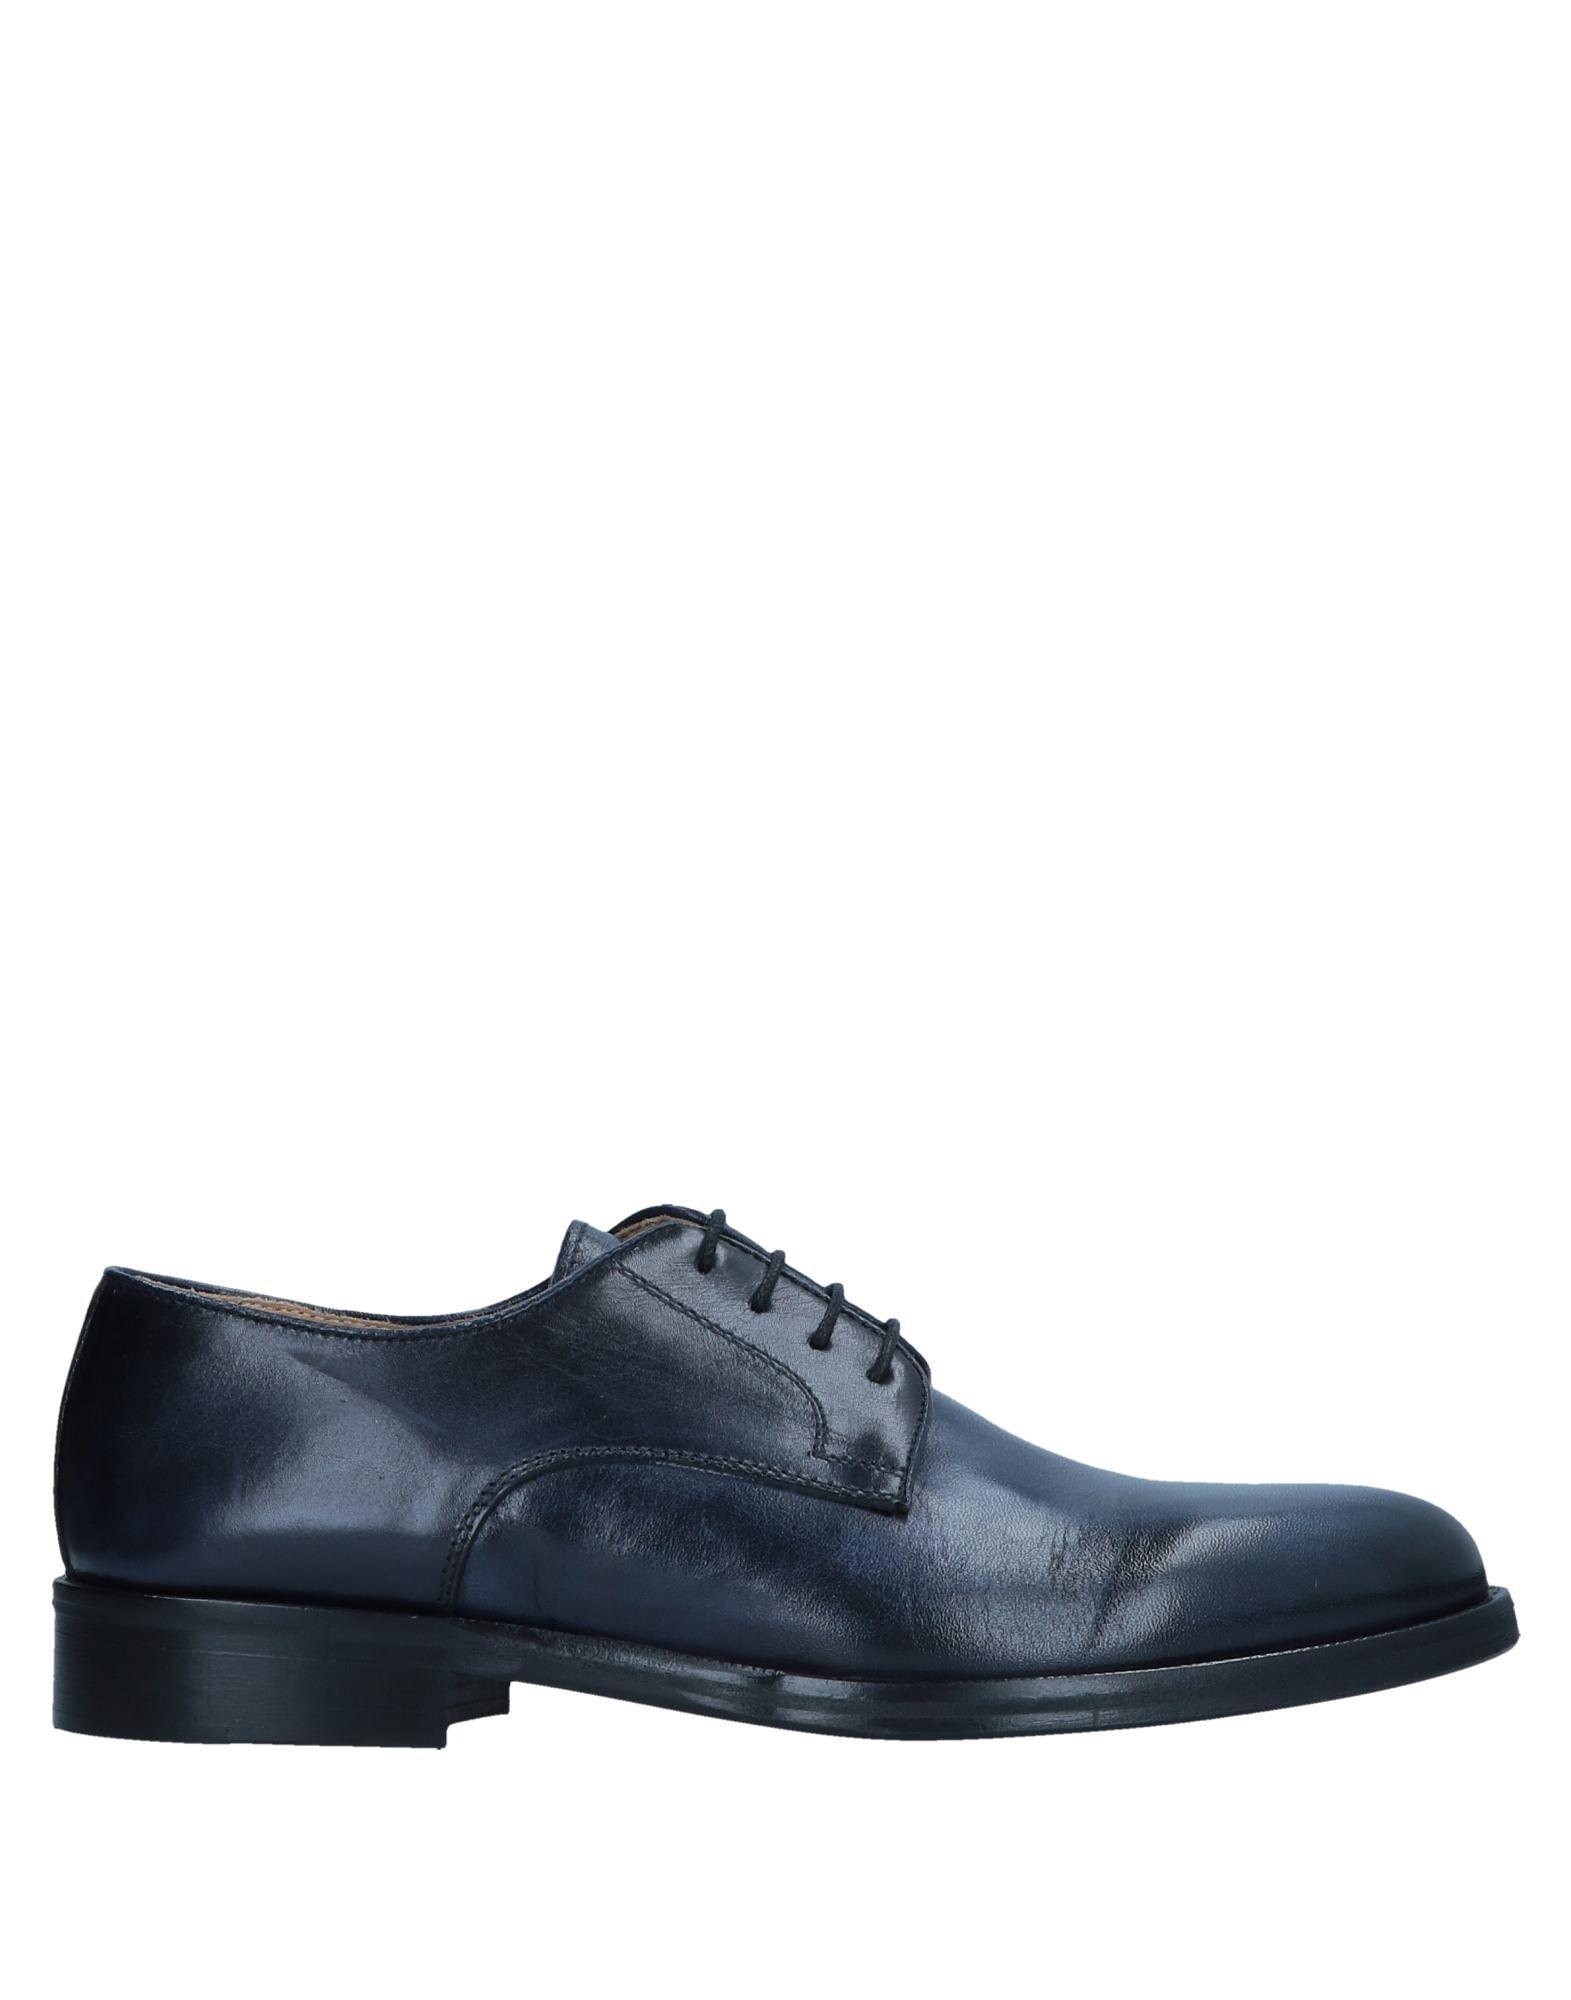 Henry Smith Schnürschuhe Herren  11552646ON Gute Qualität beliebte Schuhe